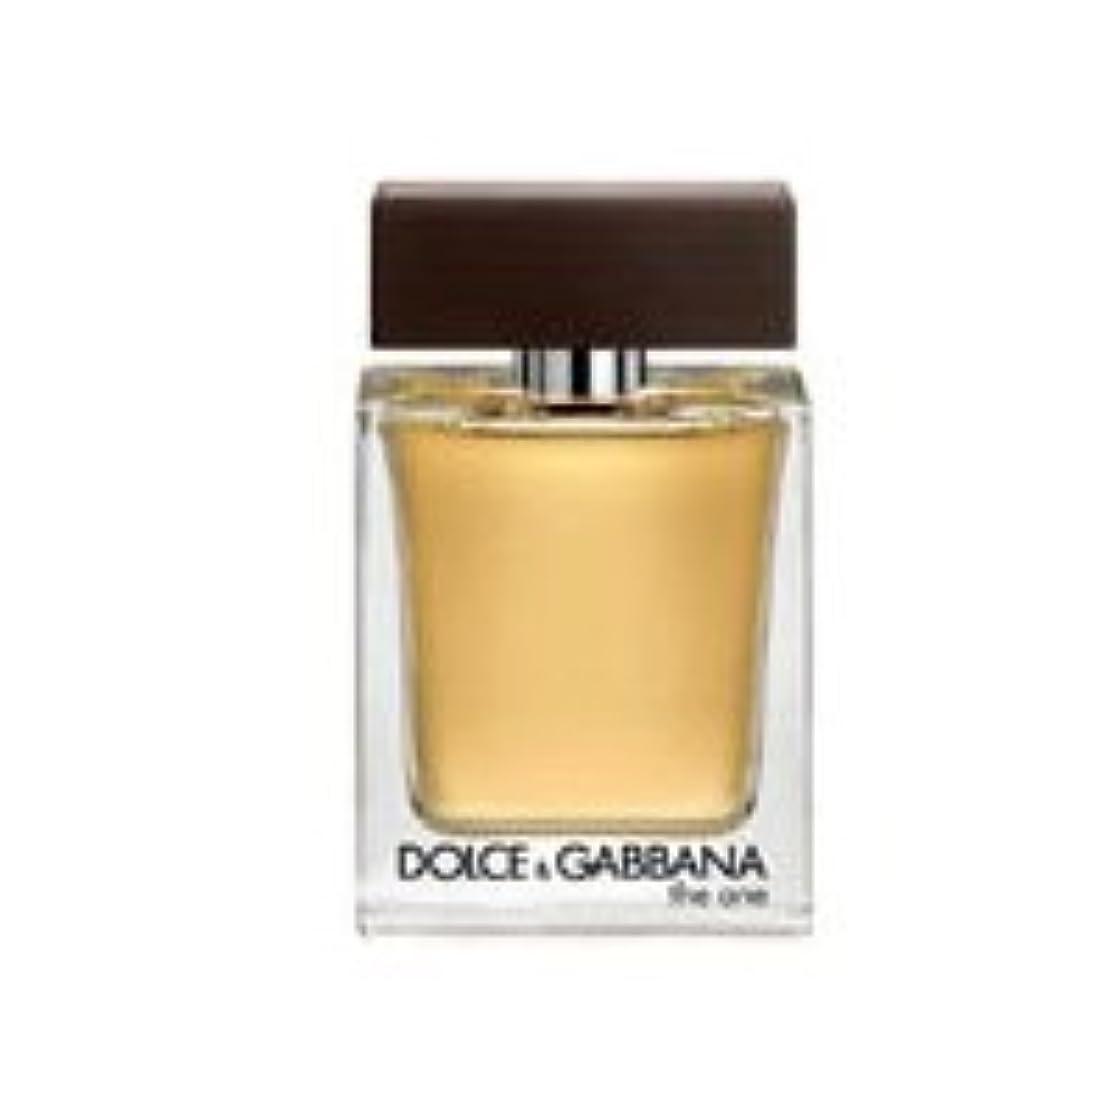 ピカリング契約略語ドルチェ&ガッバーナ(Dolce&Gabbana) ザ?ワン フォーメン EDT/SP(30ml)[並行輸入品]